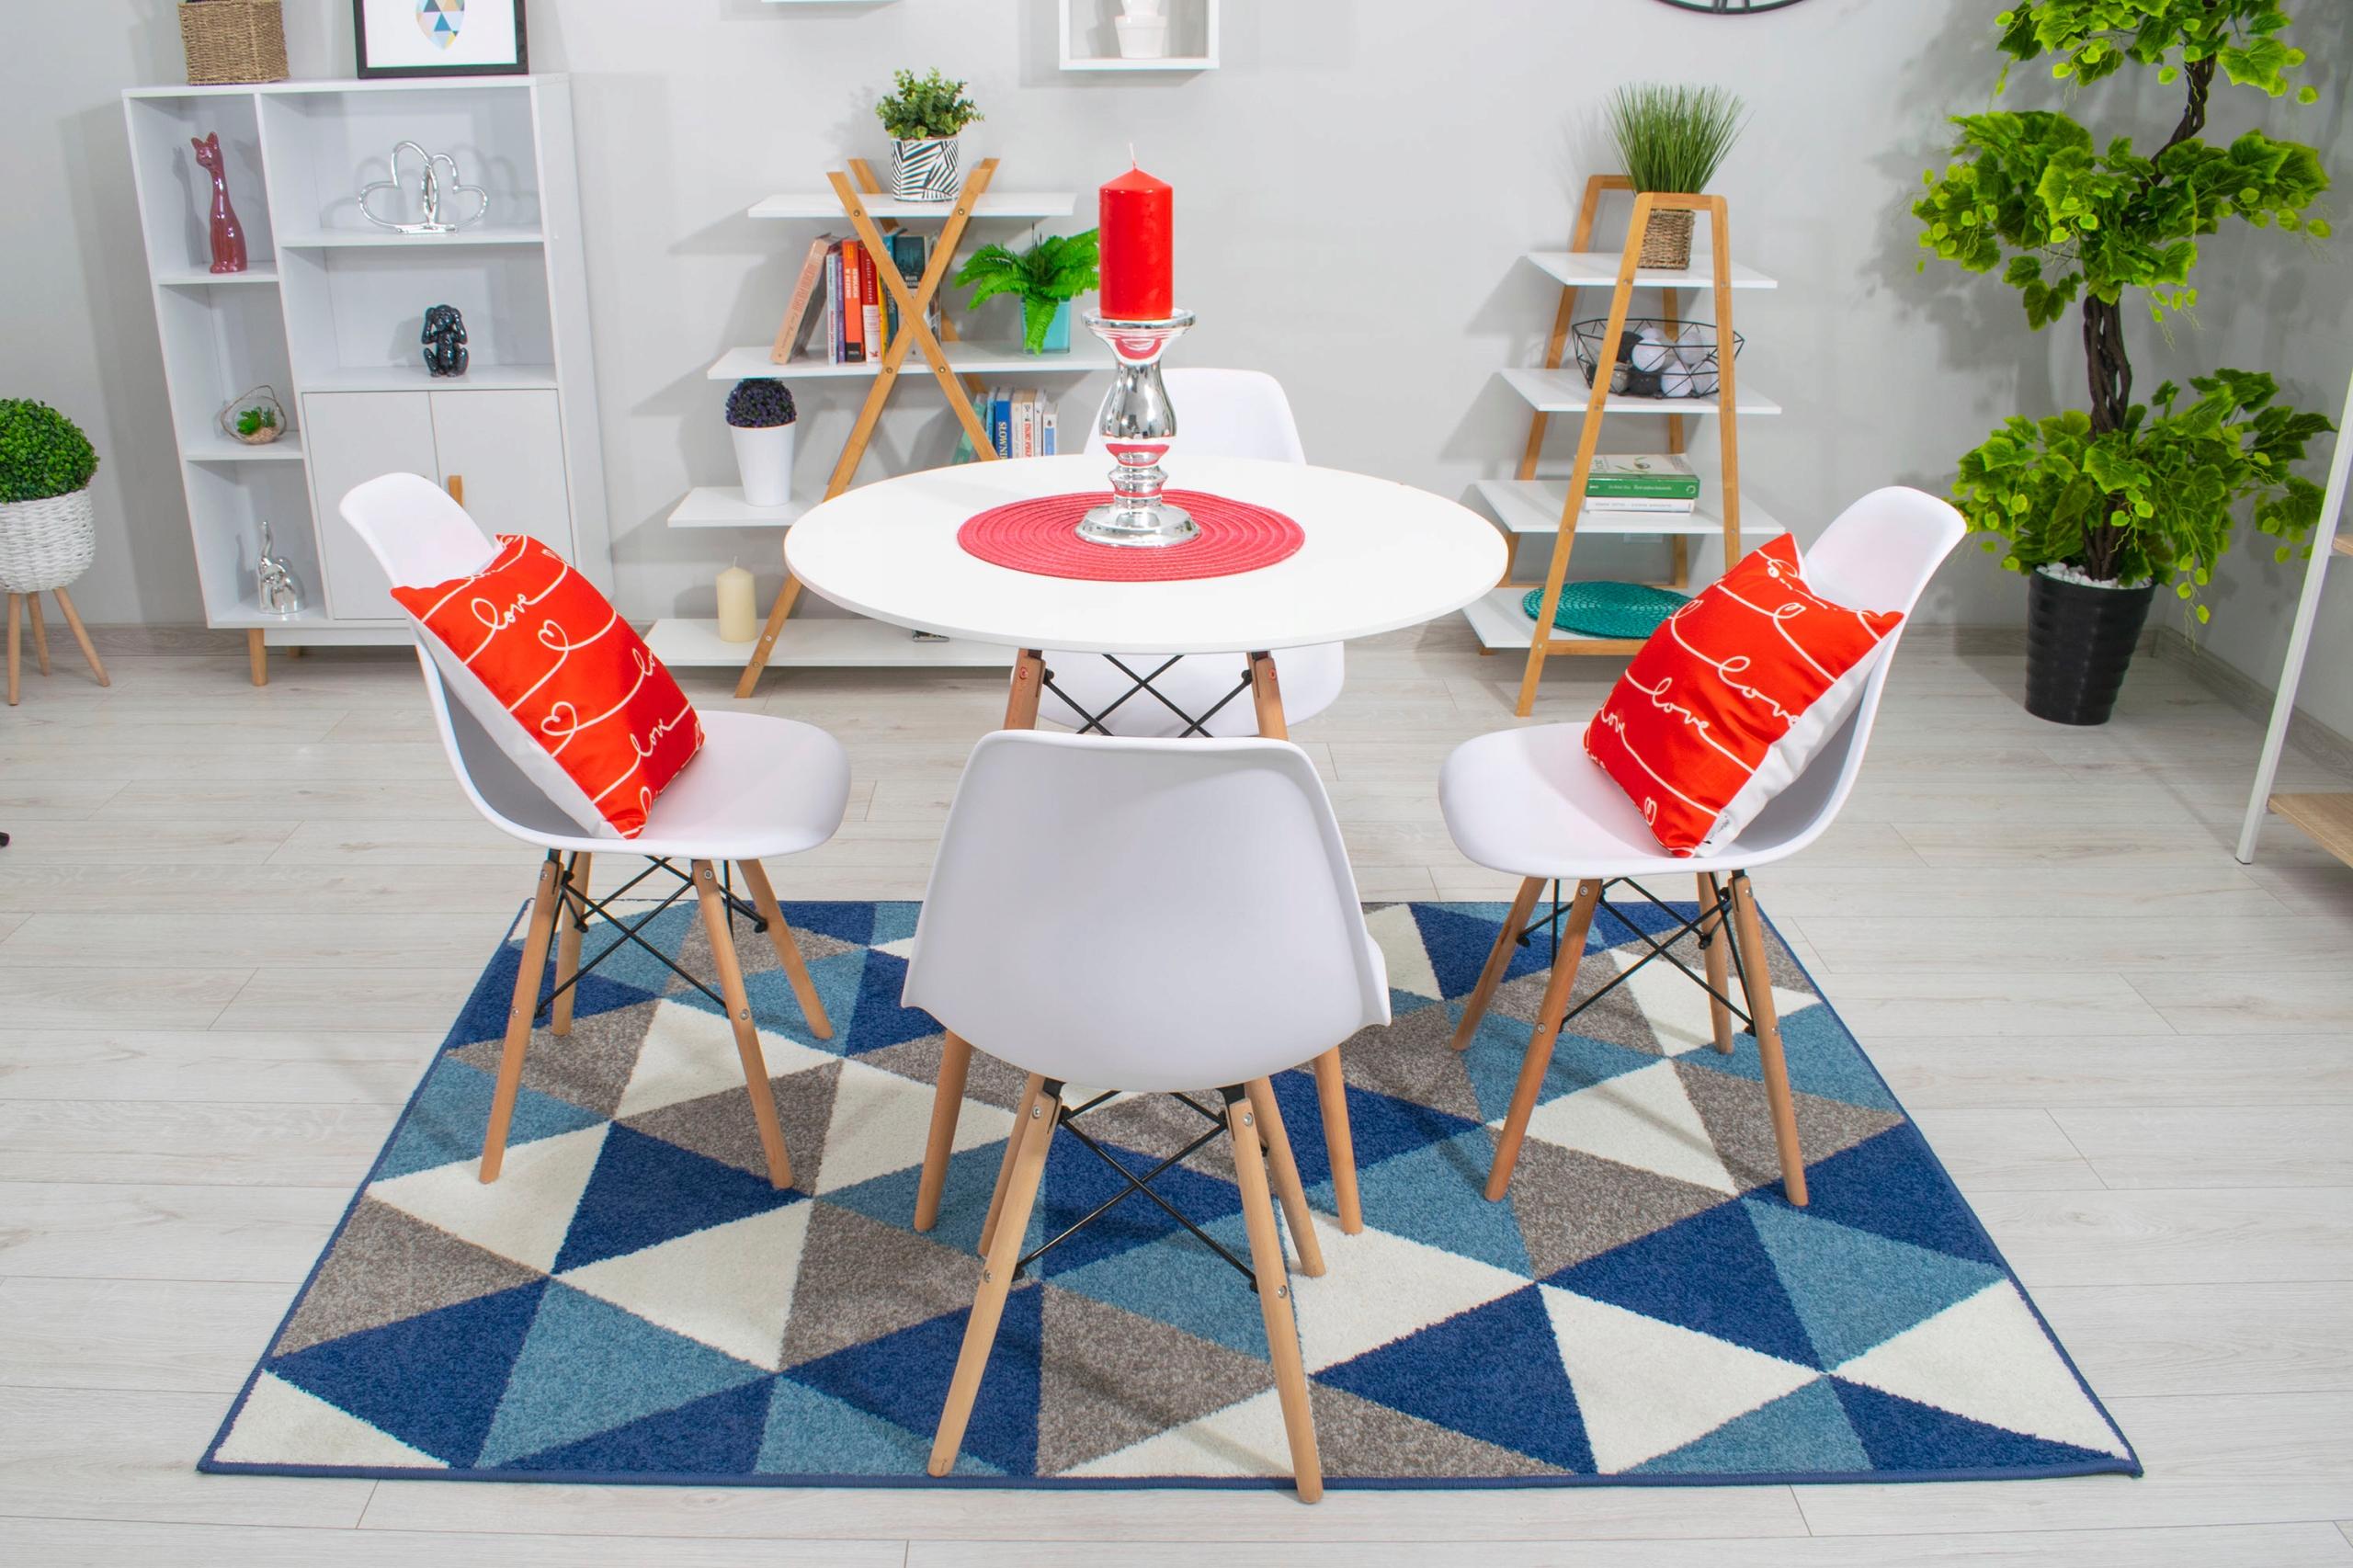 Stół + 4 Krzesła Nowoczesny Skandynawski Styl DSW Kolor korpusu krzesła buk jasny